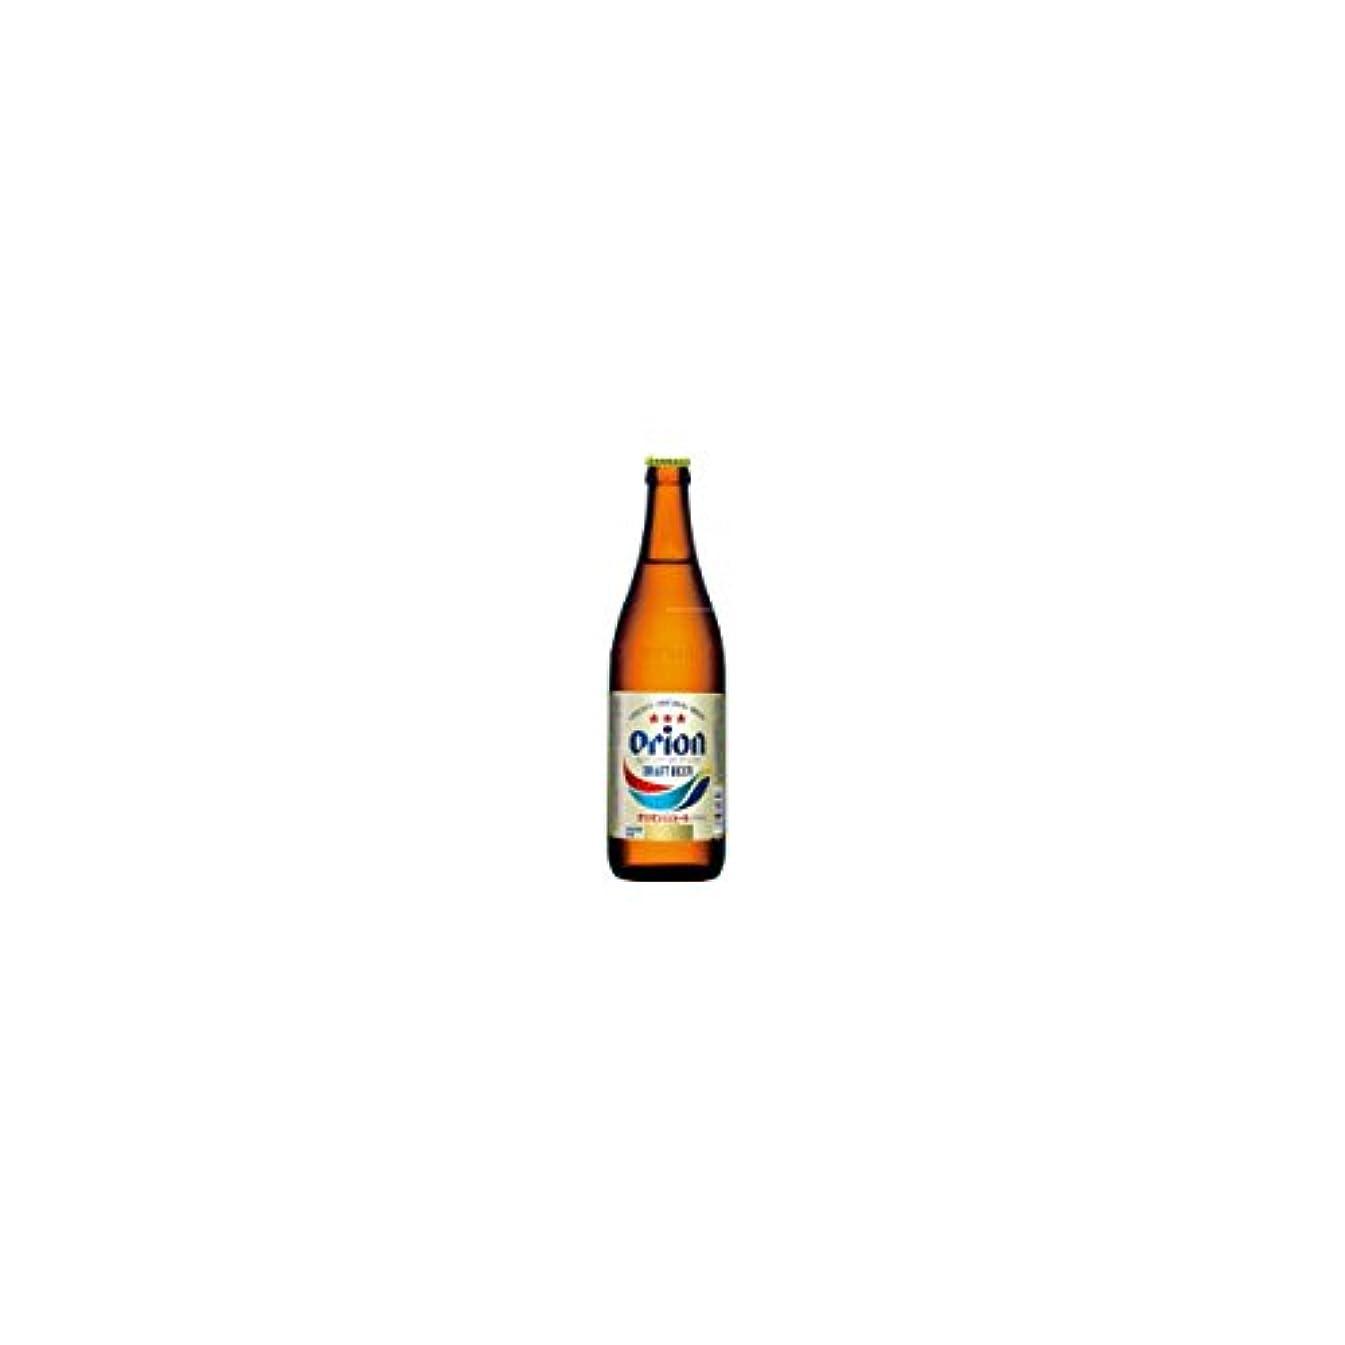 官僚アミューズ滑るオリオンビール 500ml中瓶 1本